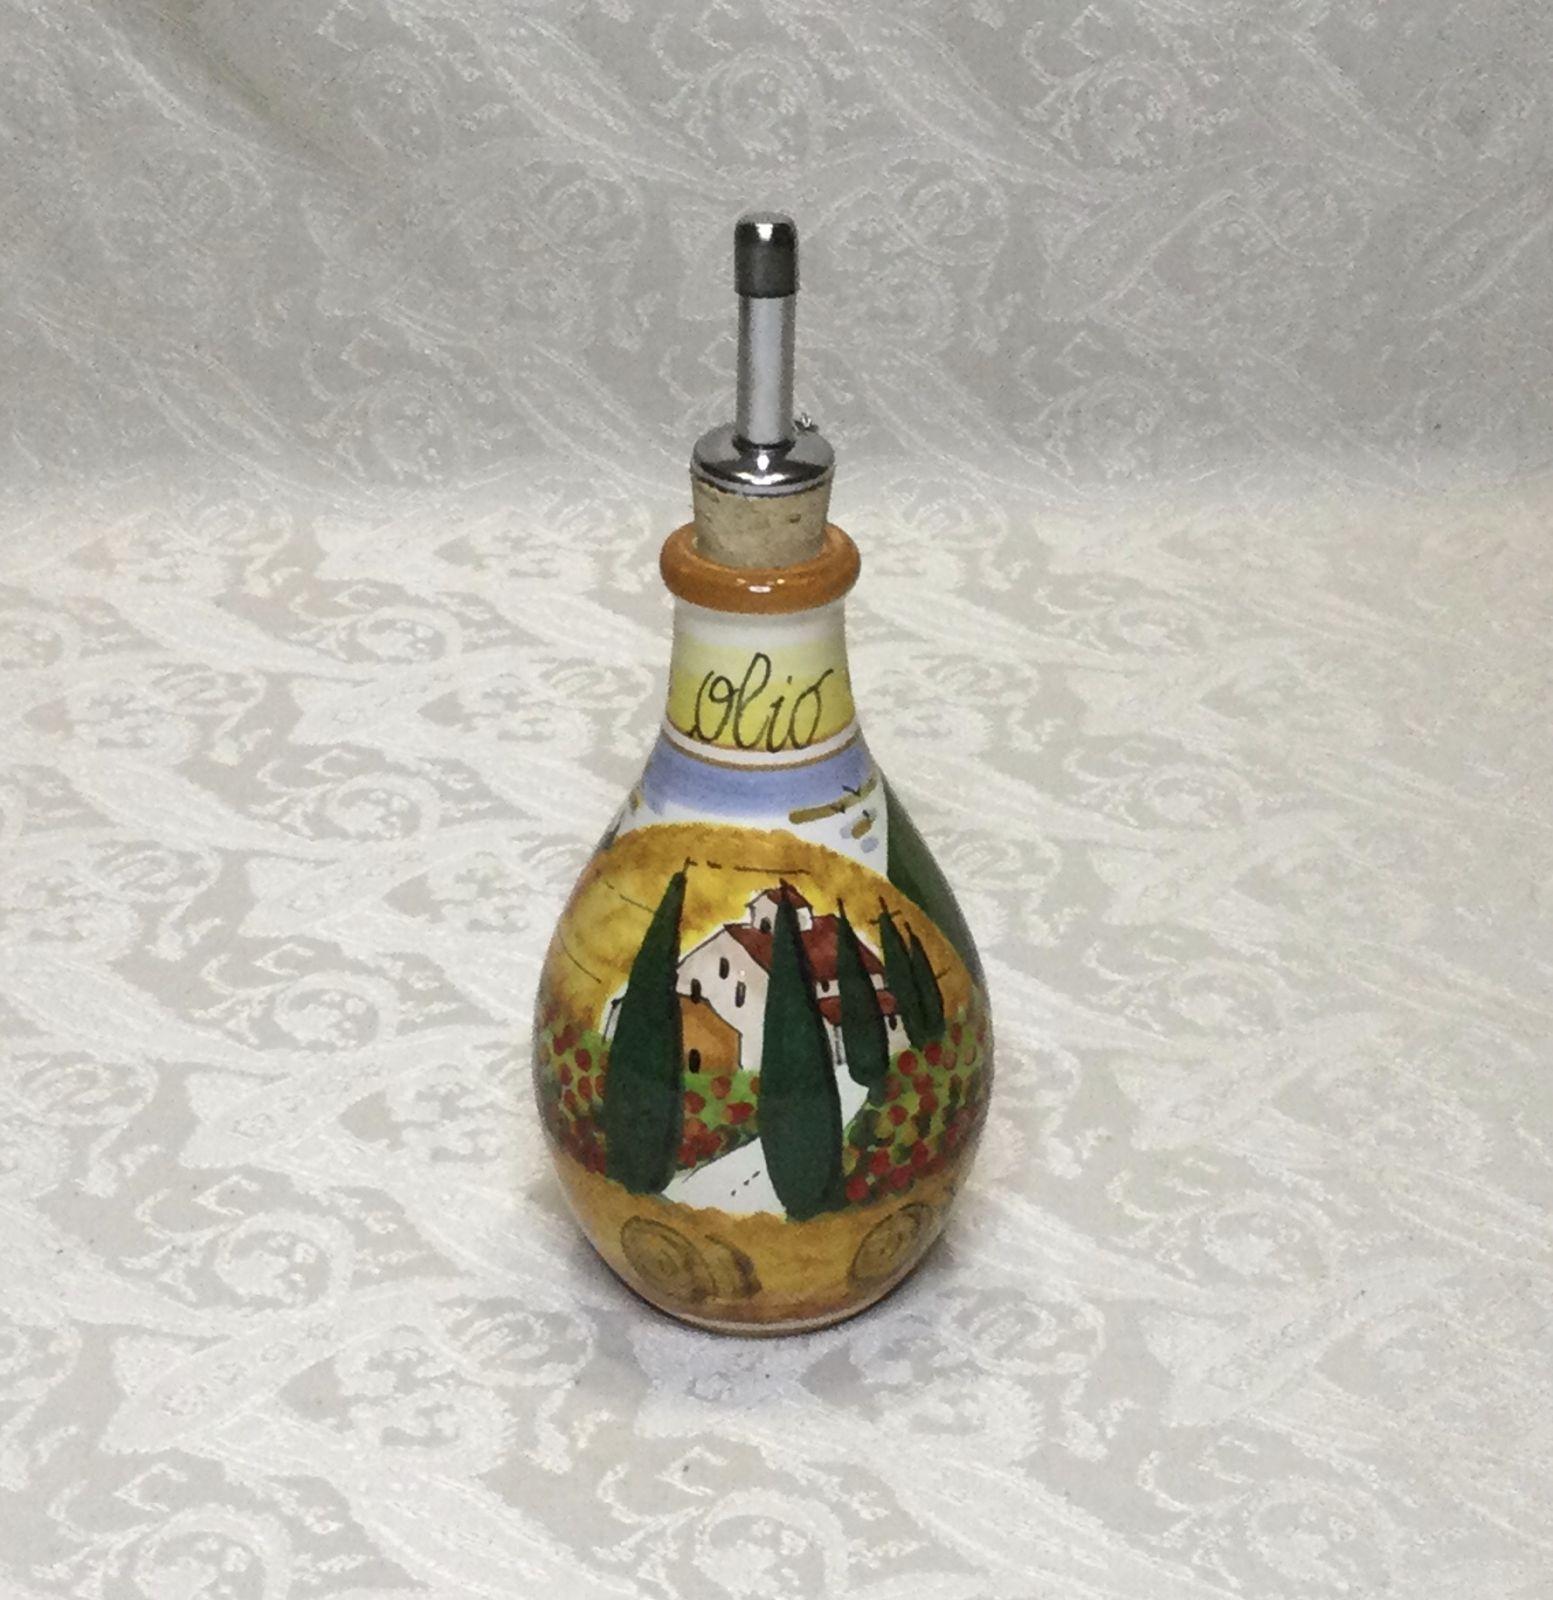 Ampolla olio h22